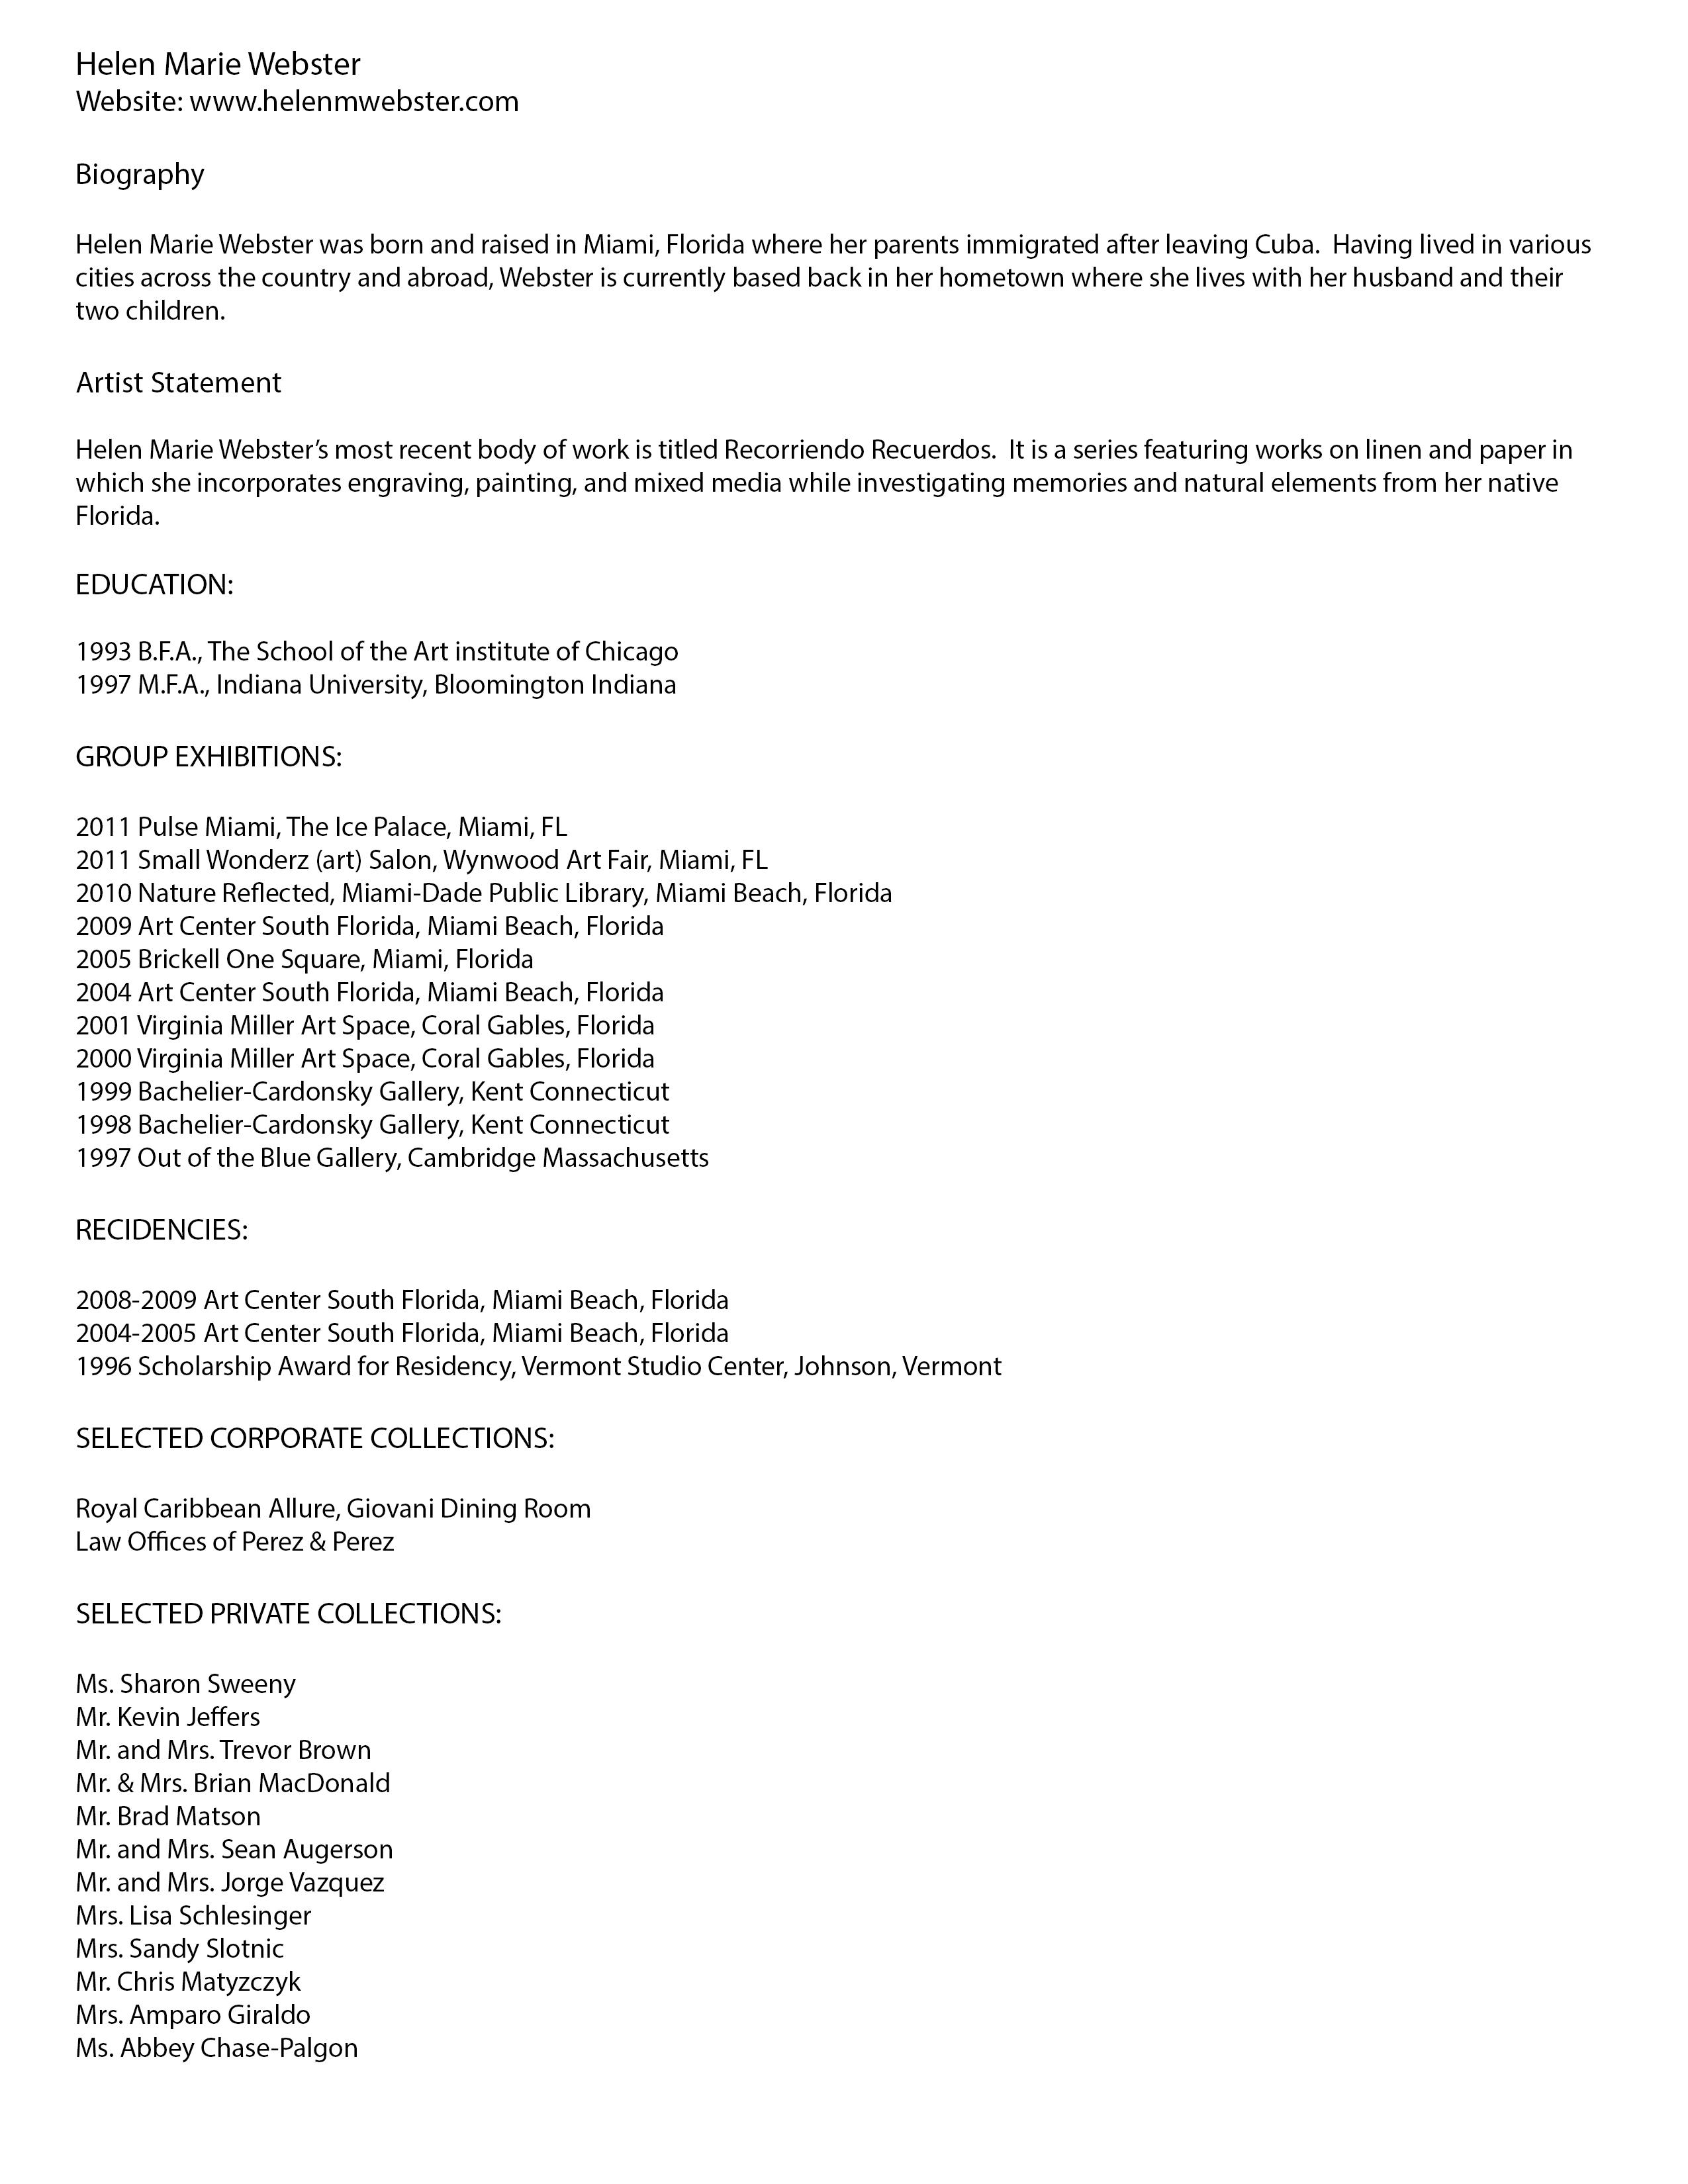 Increíble Curriculum Vitae Consultor Chicago Composición - Ejemplo ...